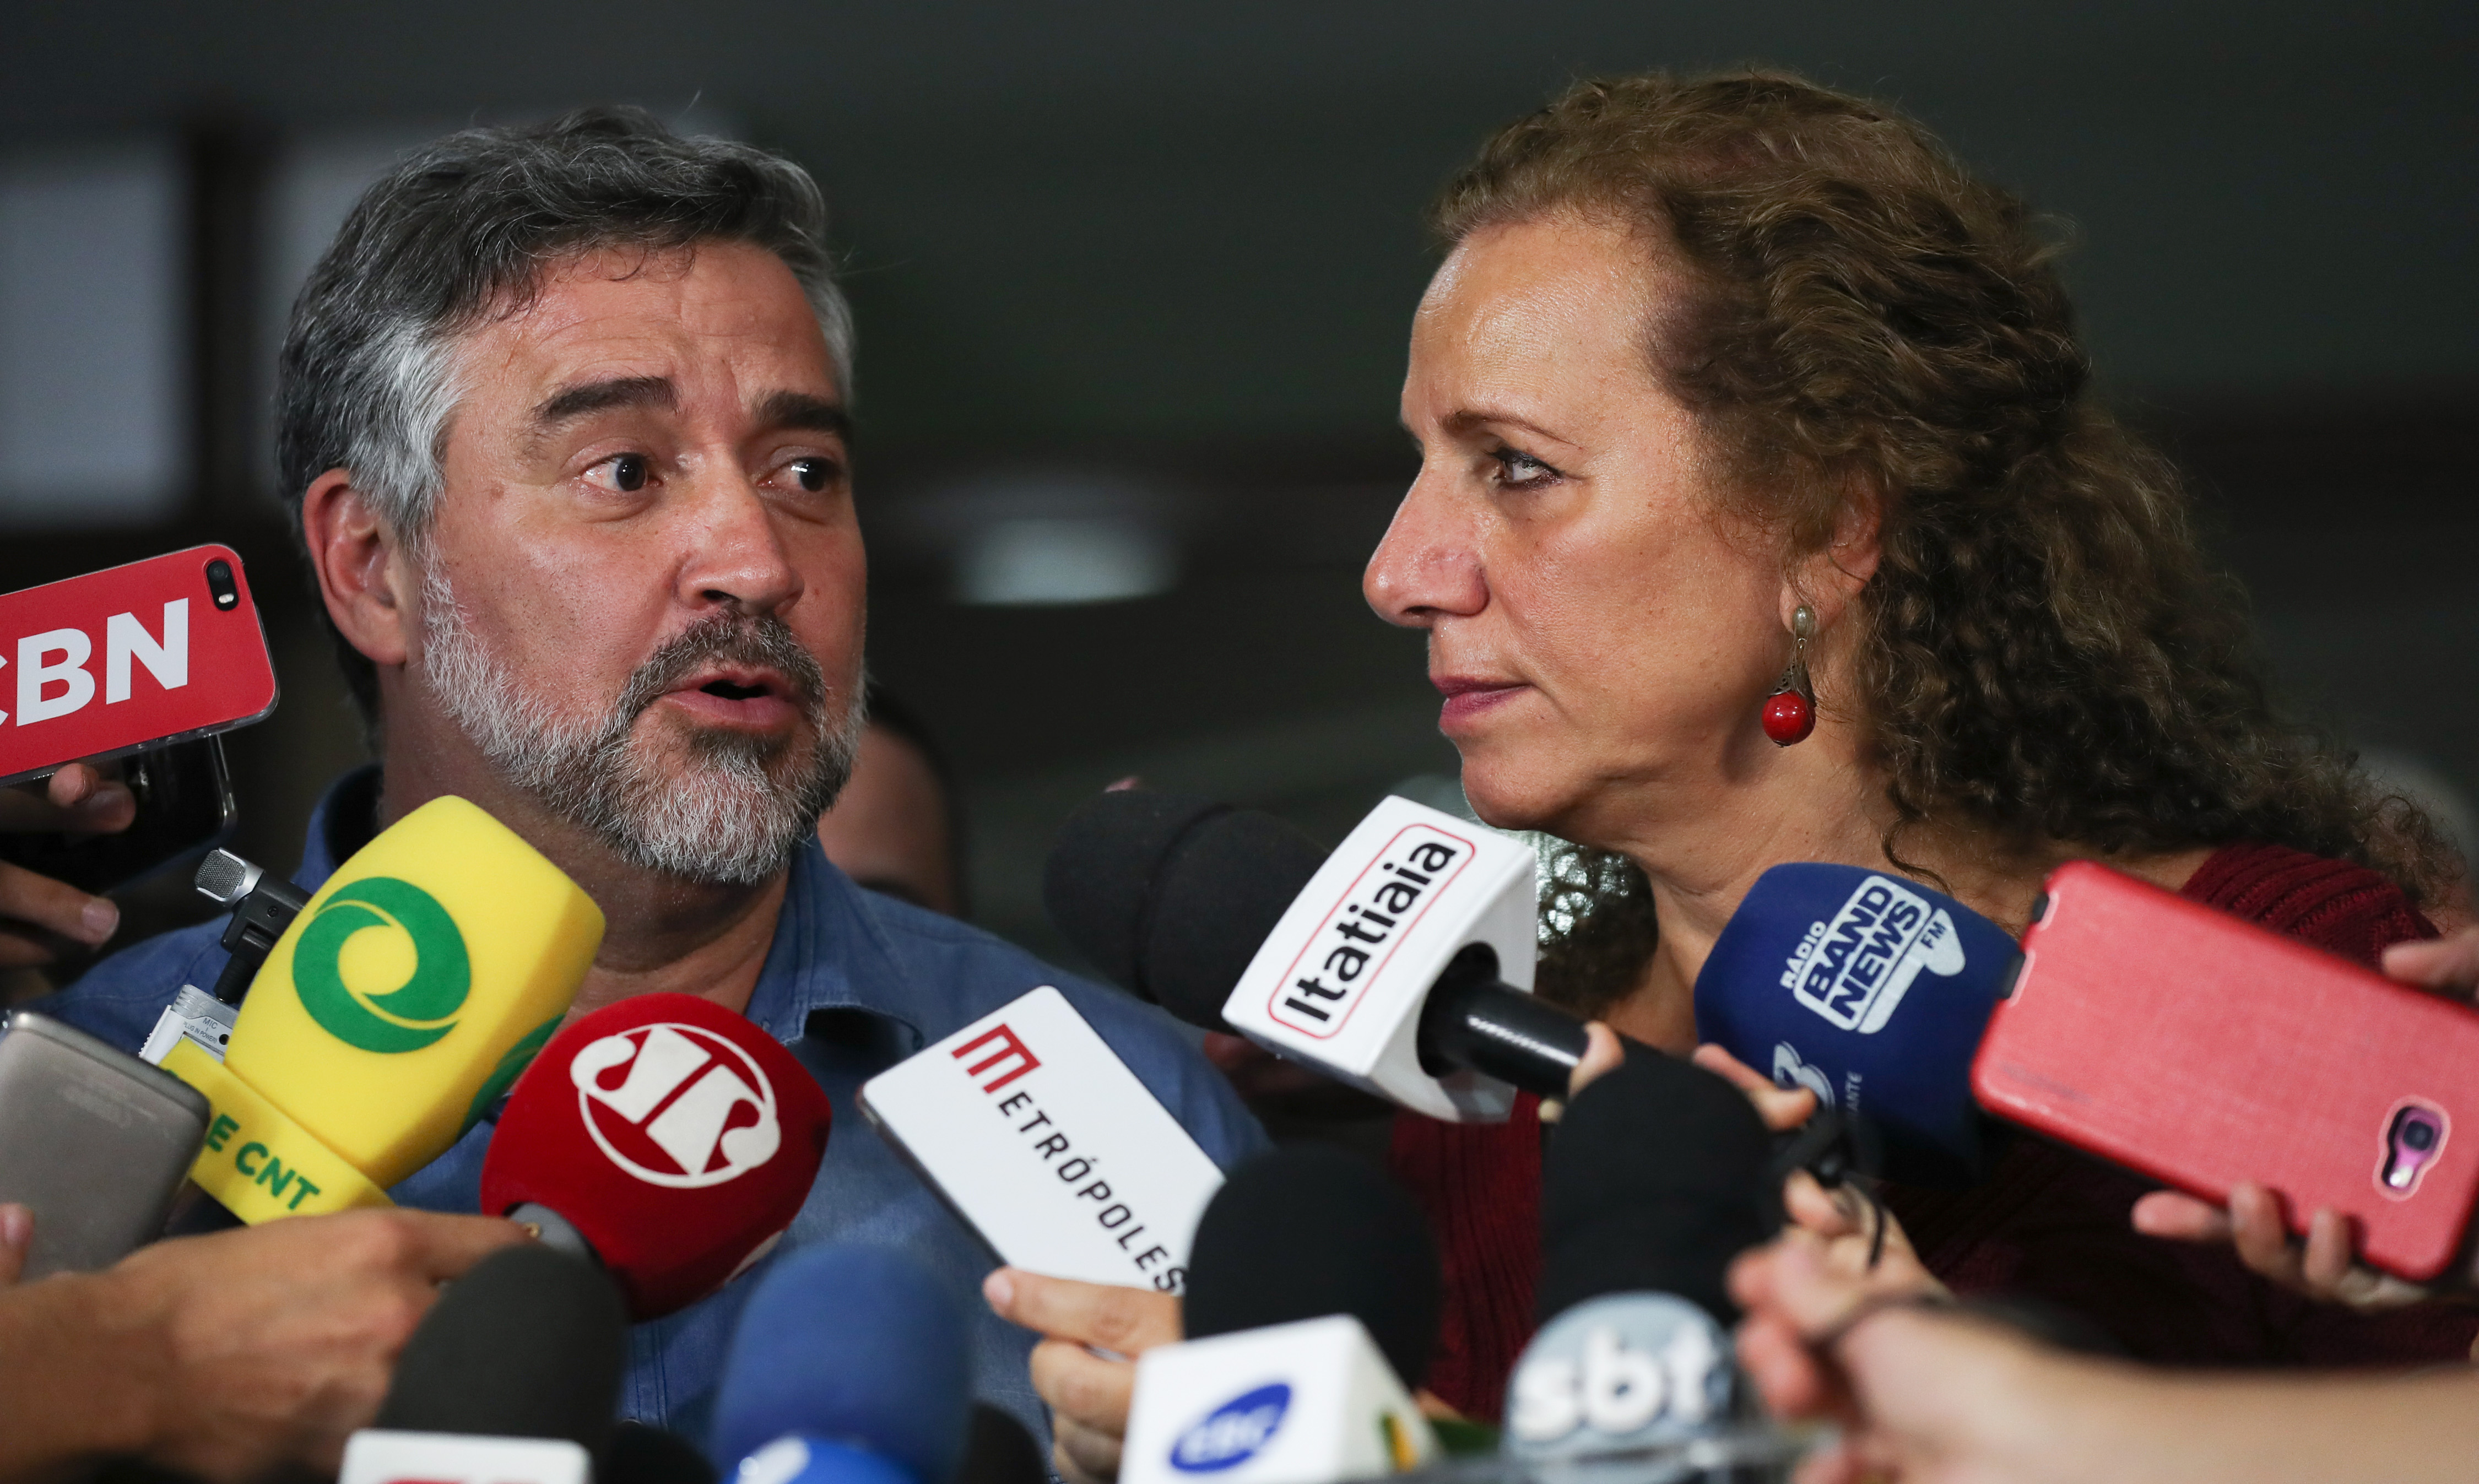 Deputados da oposição falam sobre o envolvimento de Moro e Dallagnol nos processos contra o presidente Lula. Dep. Paulo Pimenta (PT-RS) e dep. Jandira Feghali (PCdoB-RJ)